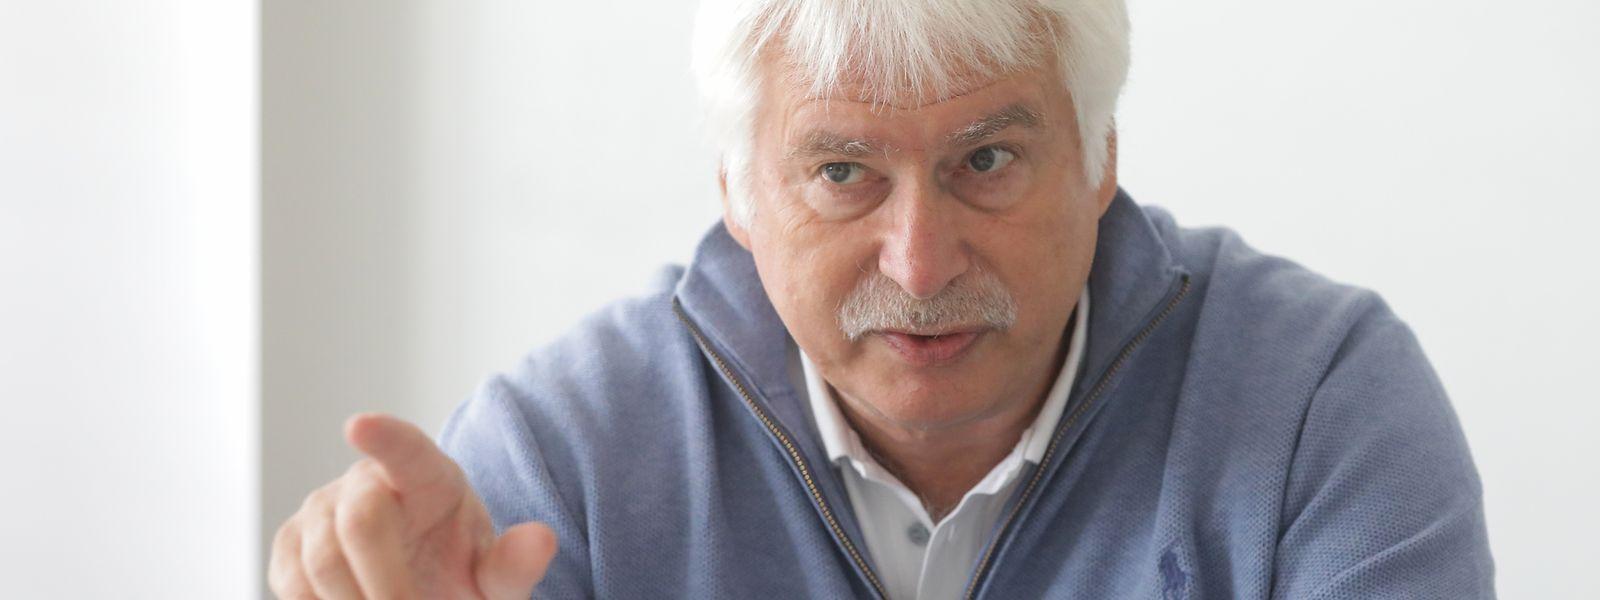 Heinz Thews a de l'expérience à revendre, mais à 65 ans, le stress fait toujours partie du jeu.